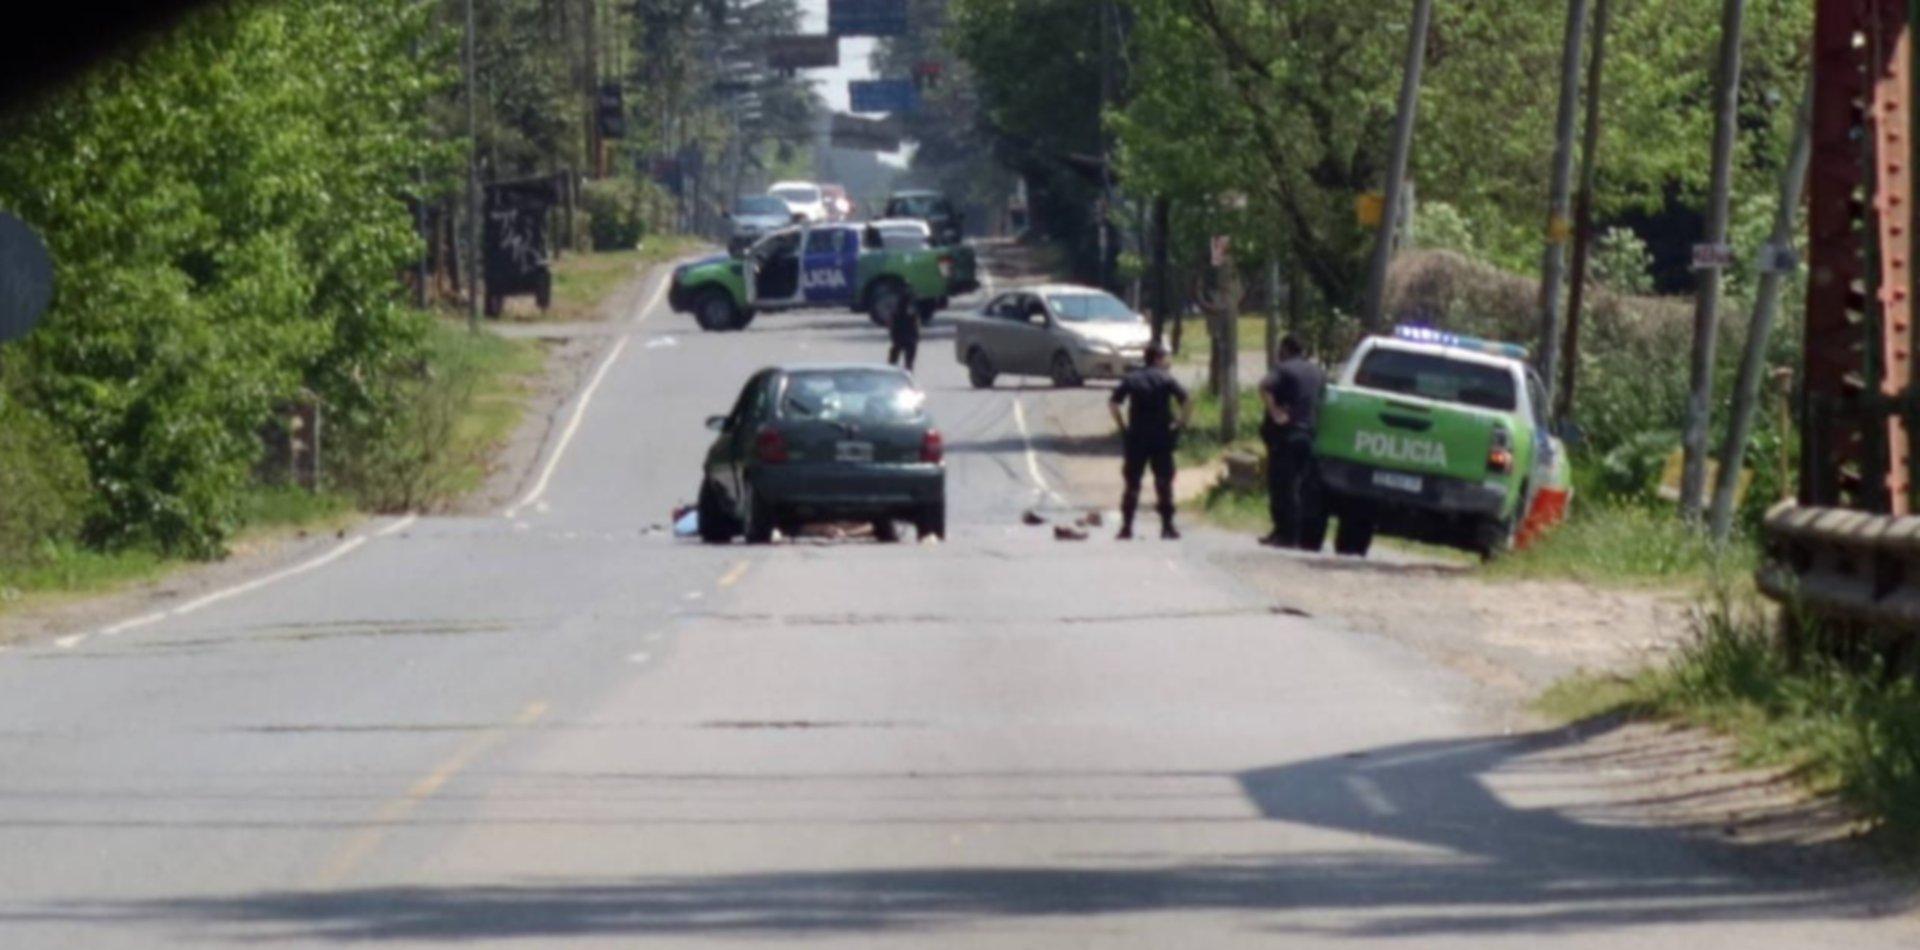 Accidente fatal en La Plata: murió un motociclista tras chocar con un auto